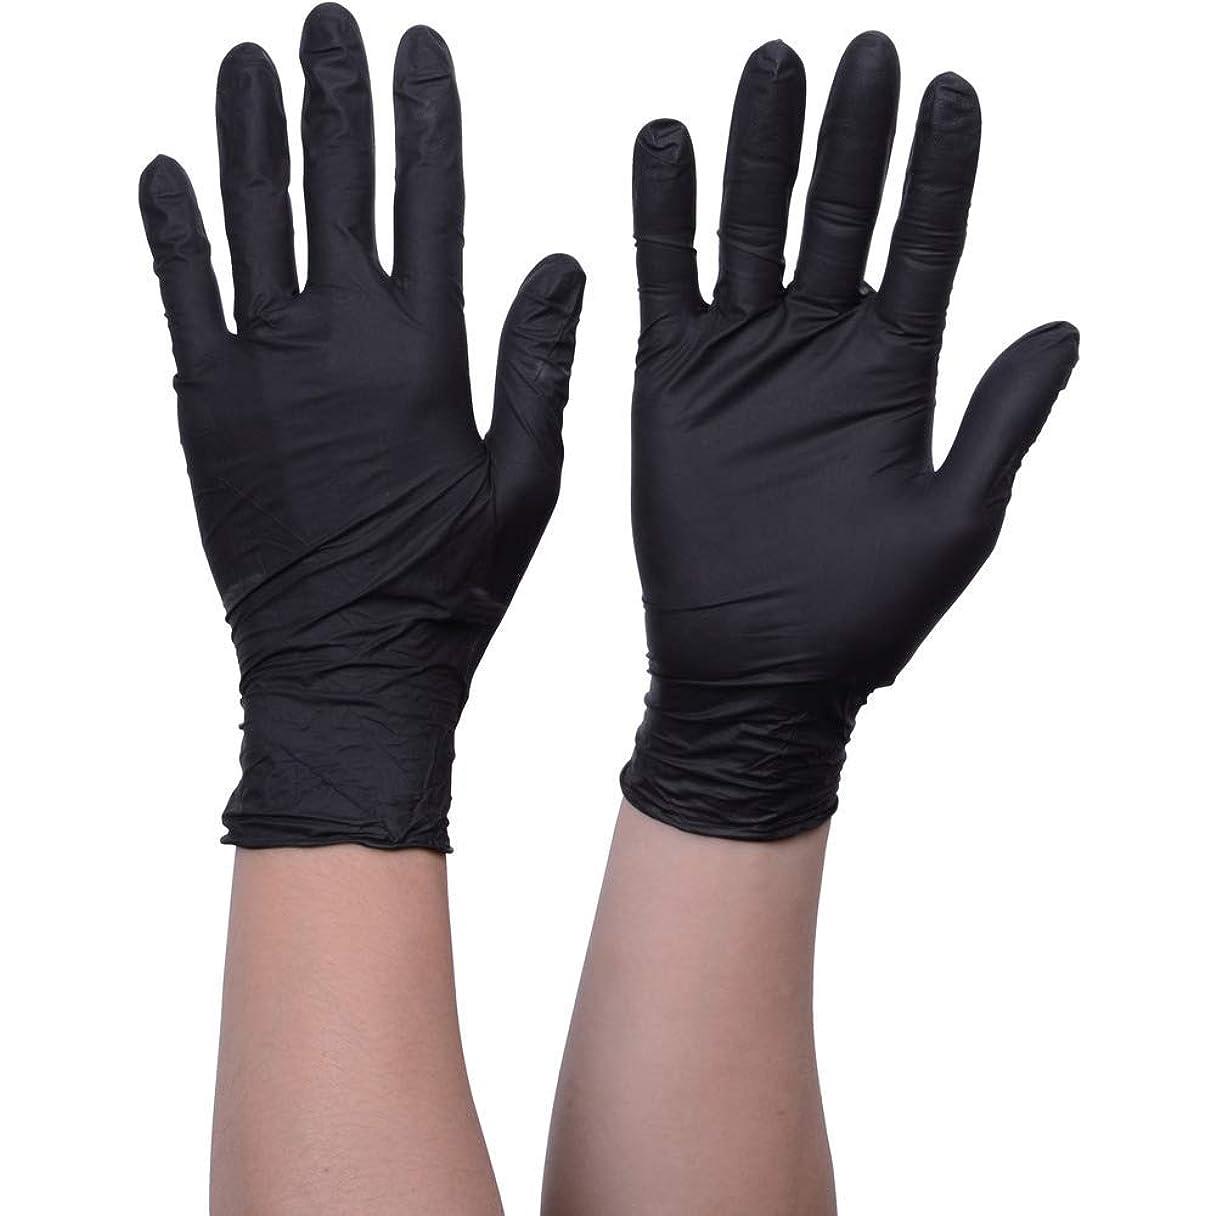 インタフェースマイナス強風ニトリル手袋 使い捨て手袋防水耐油耐久性が強い上に軽く高品質ブラック100枚入